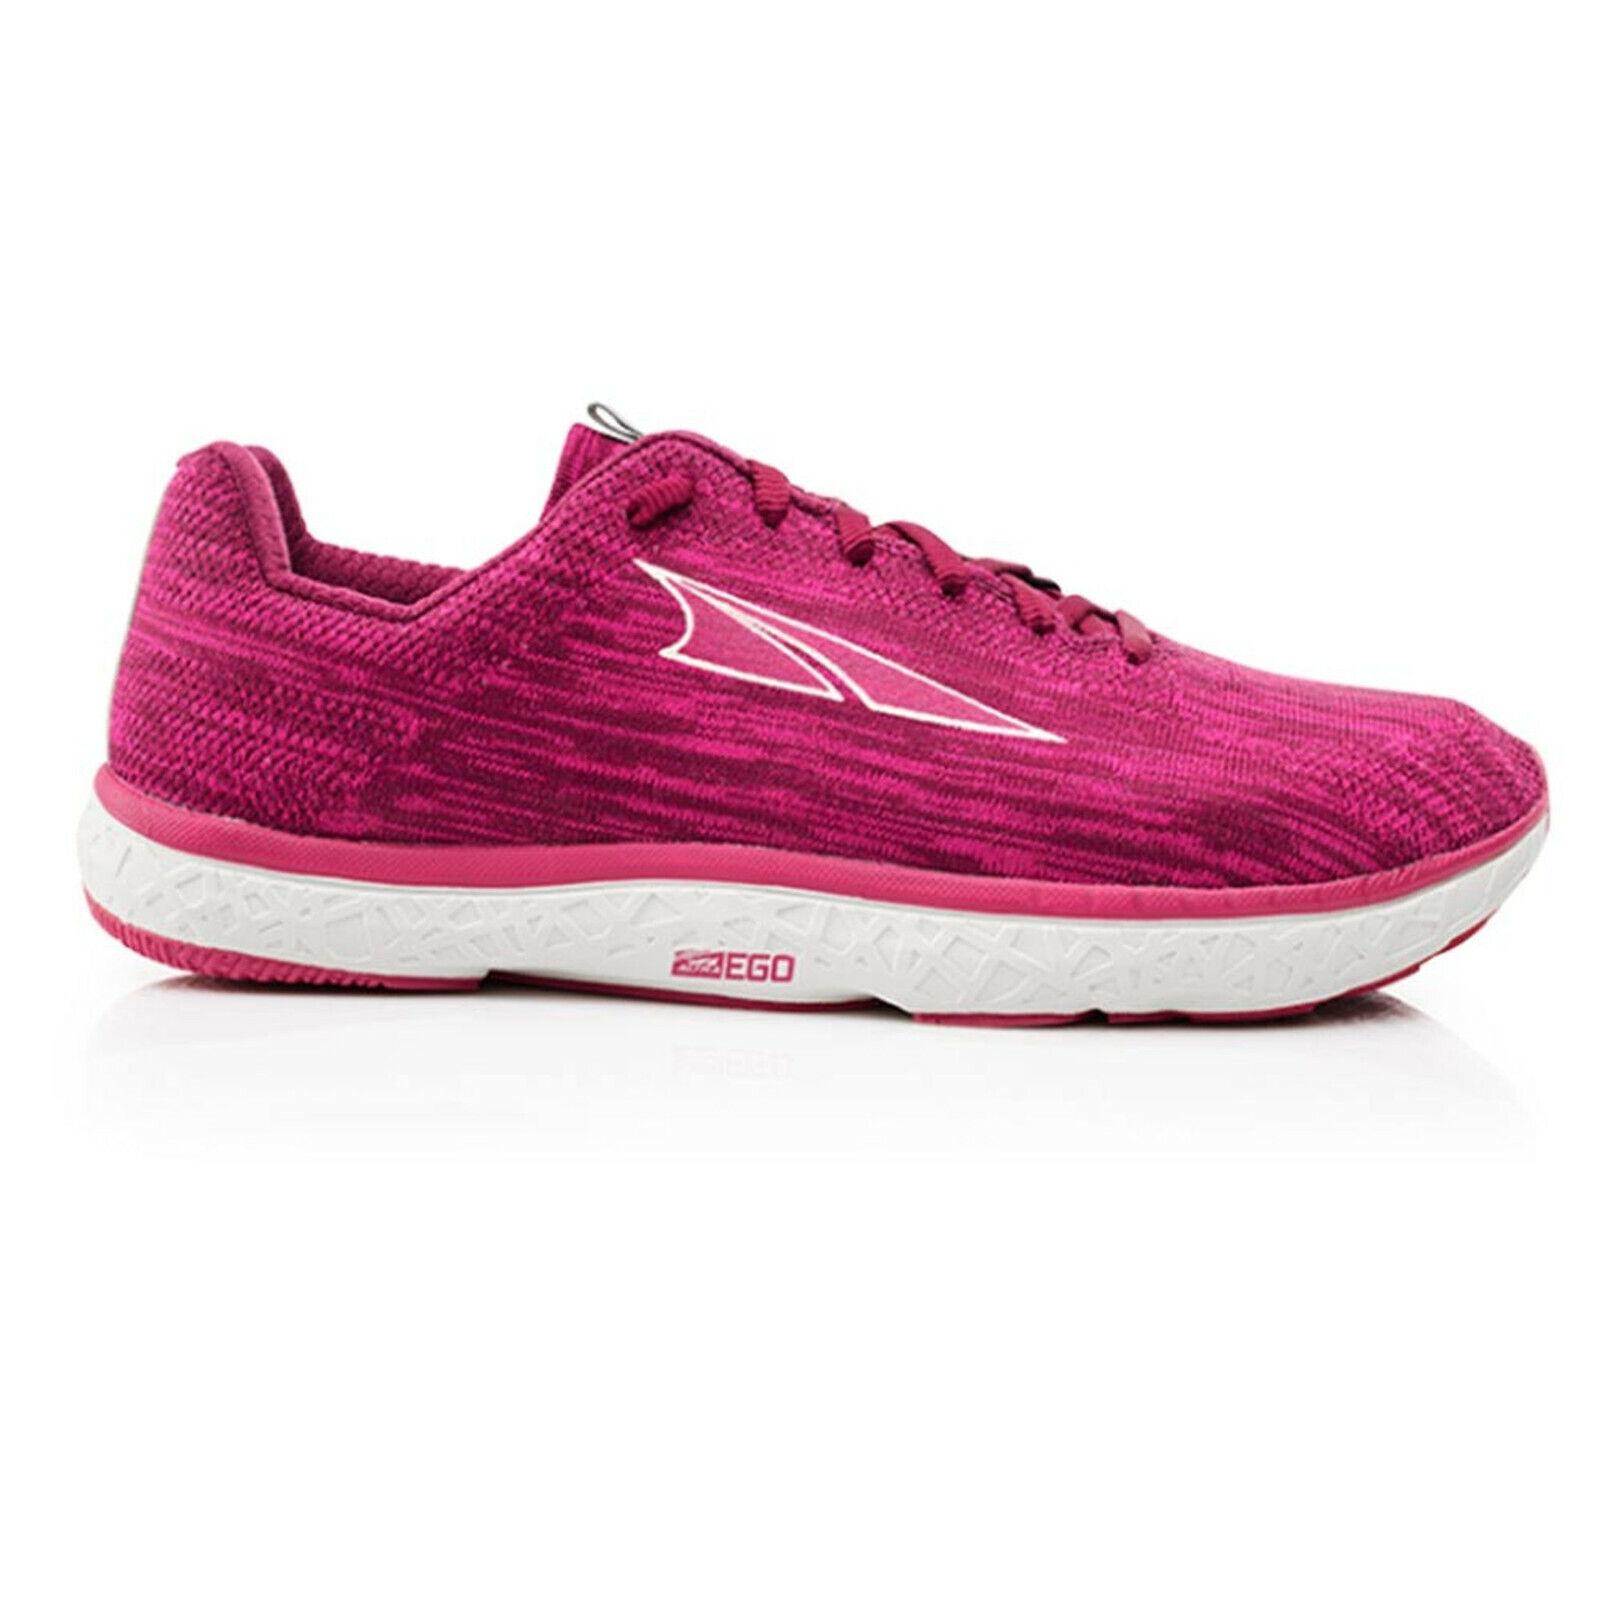 Altra Escalante 1.5 Running scarpe donna Raspberry US Dimensione 10